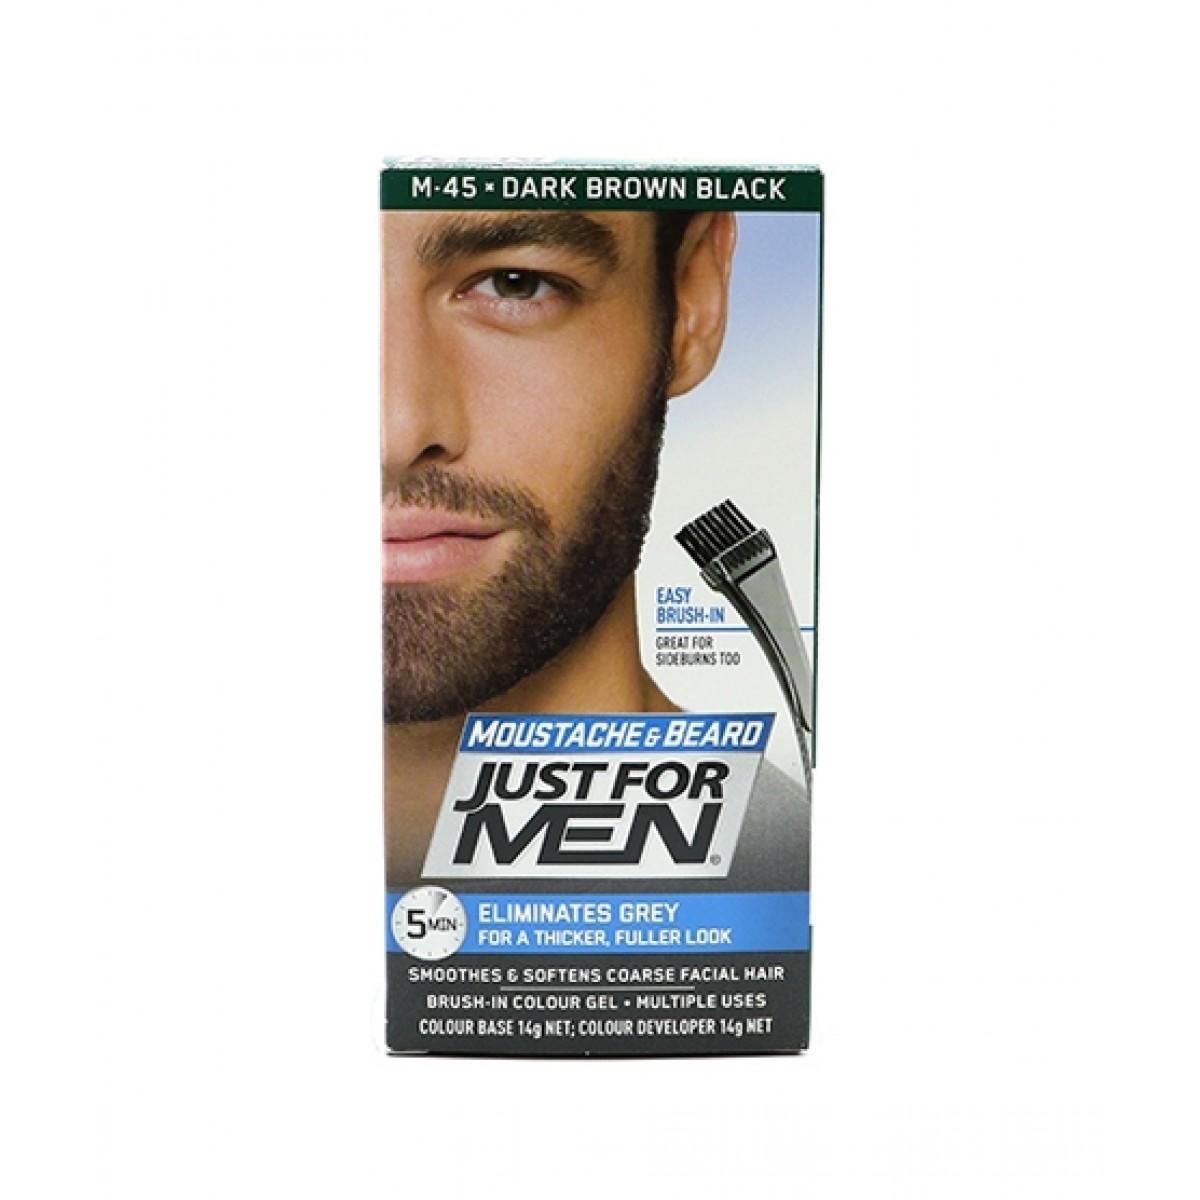 Just For Men Brush-In Color Gel Dark Brown (M-45)